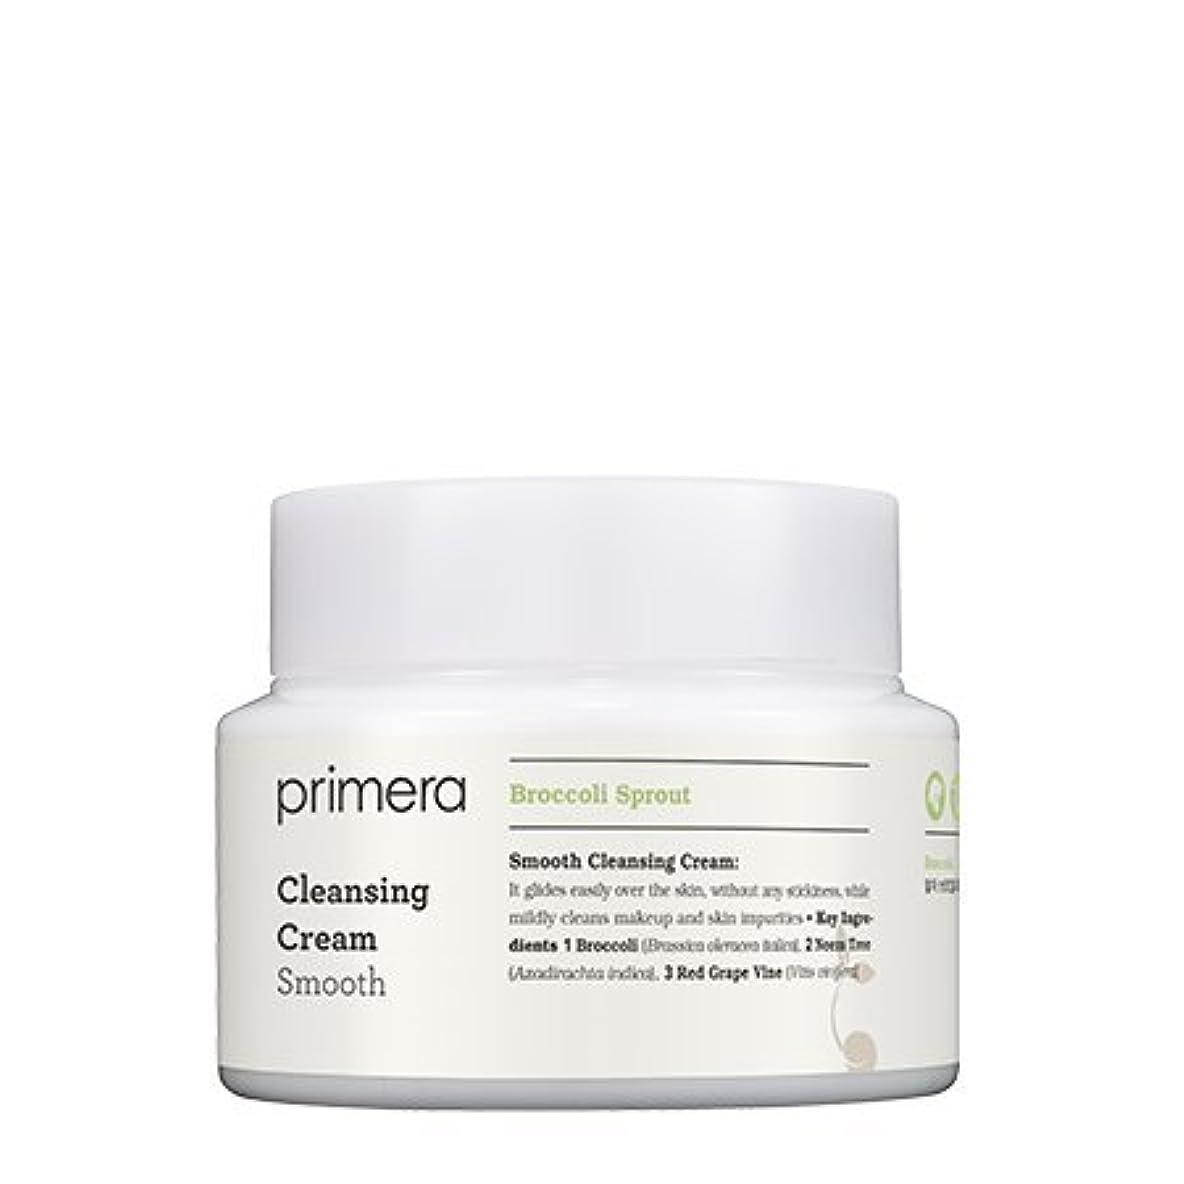 流出信頼性のある白鳥【Primera】Smooth Cleansing Cream - 250g (韓国直送品) (SHOPPINGINSTAGRAM)